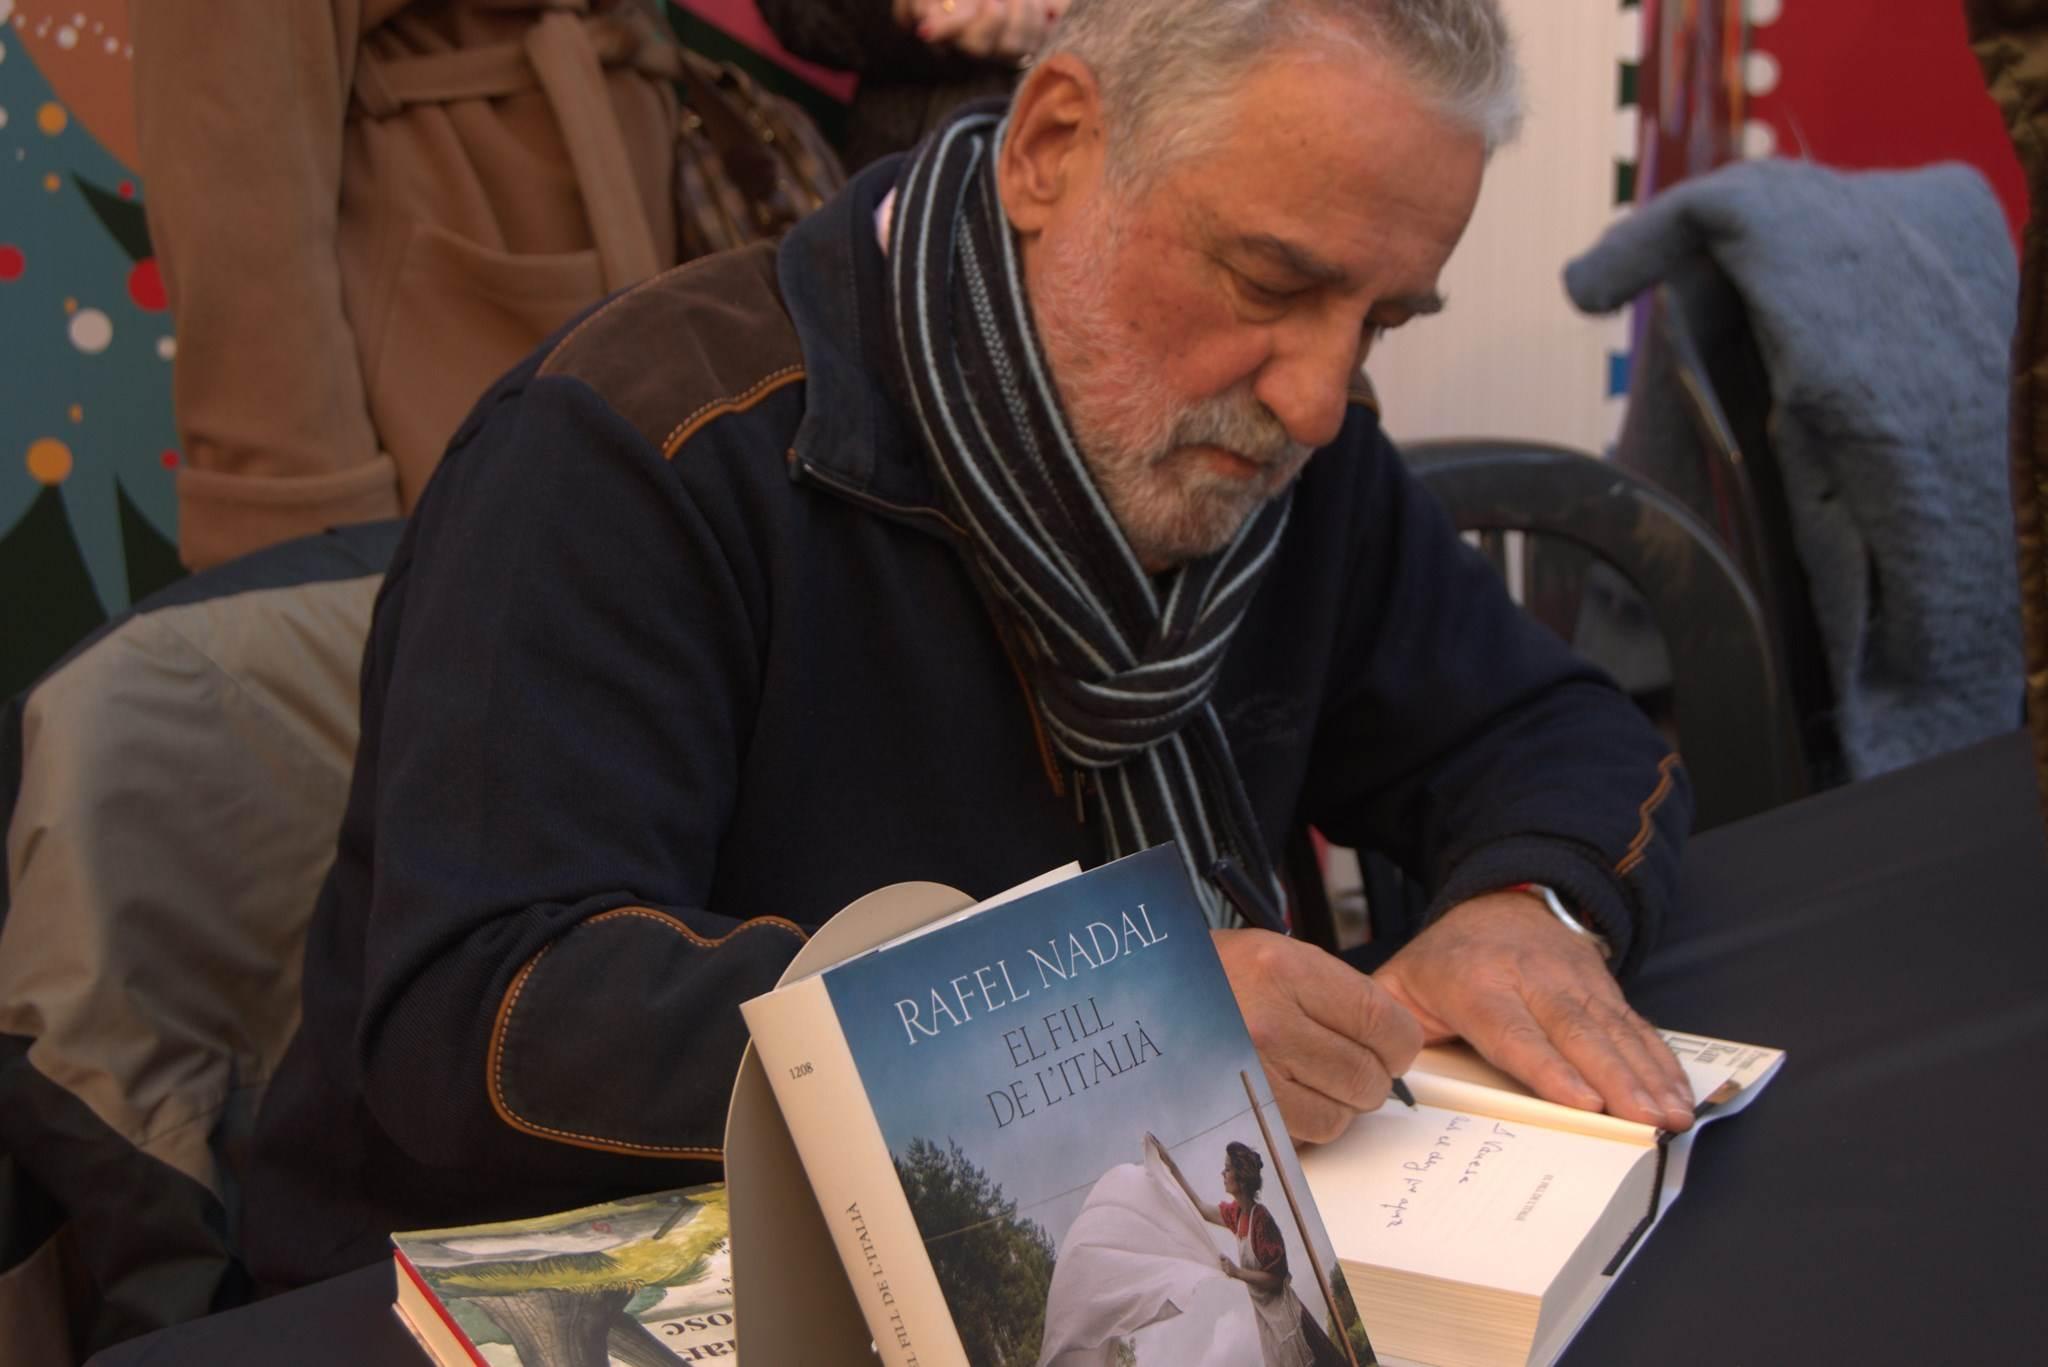 Signatura de llibres amb Rafel Nadal